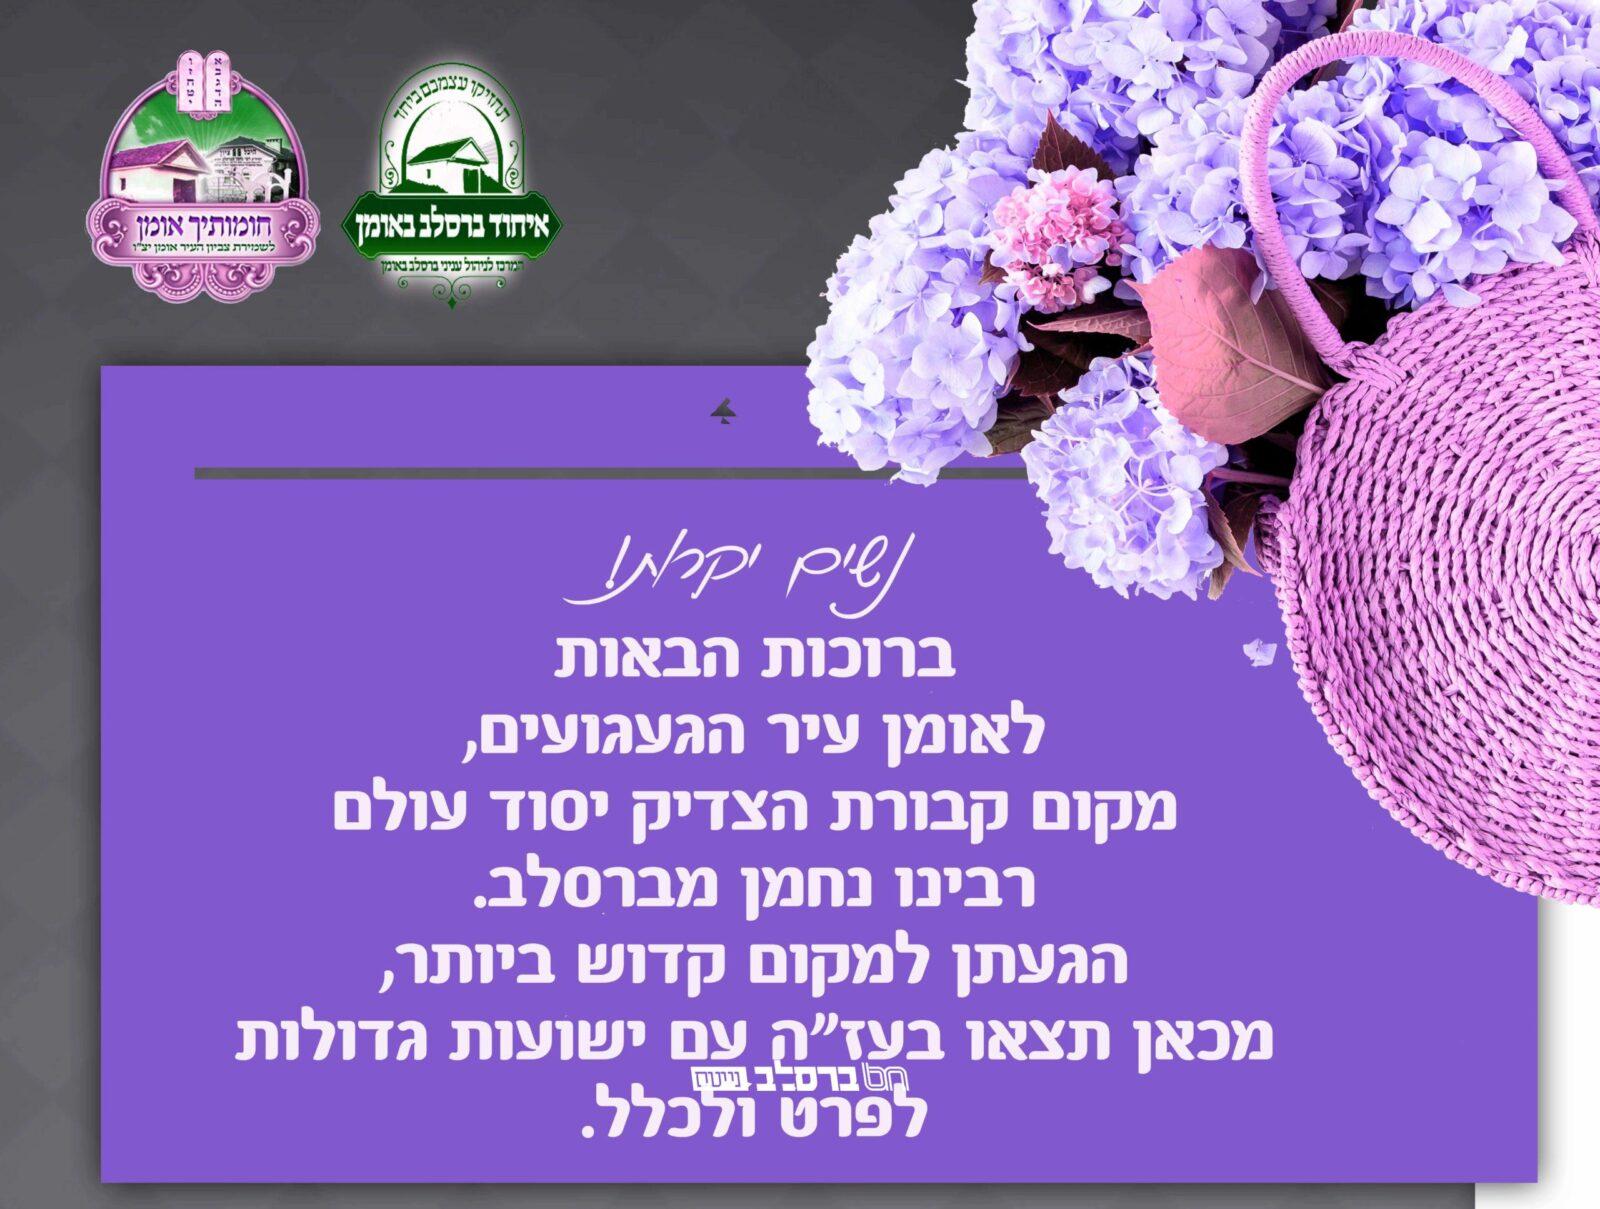 """שלט מפואר של """"תקנות קדושת המקום"""" הותקן בחזית כניסת הנשים לציון רביה""""ק באומן"""